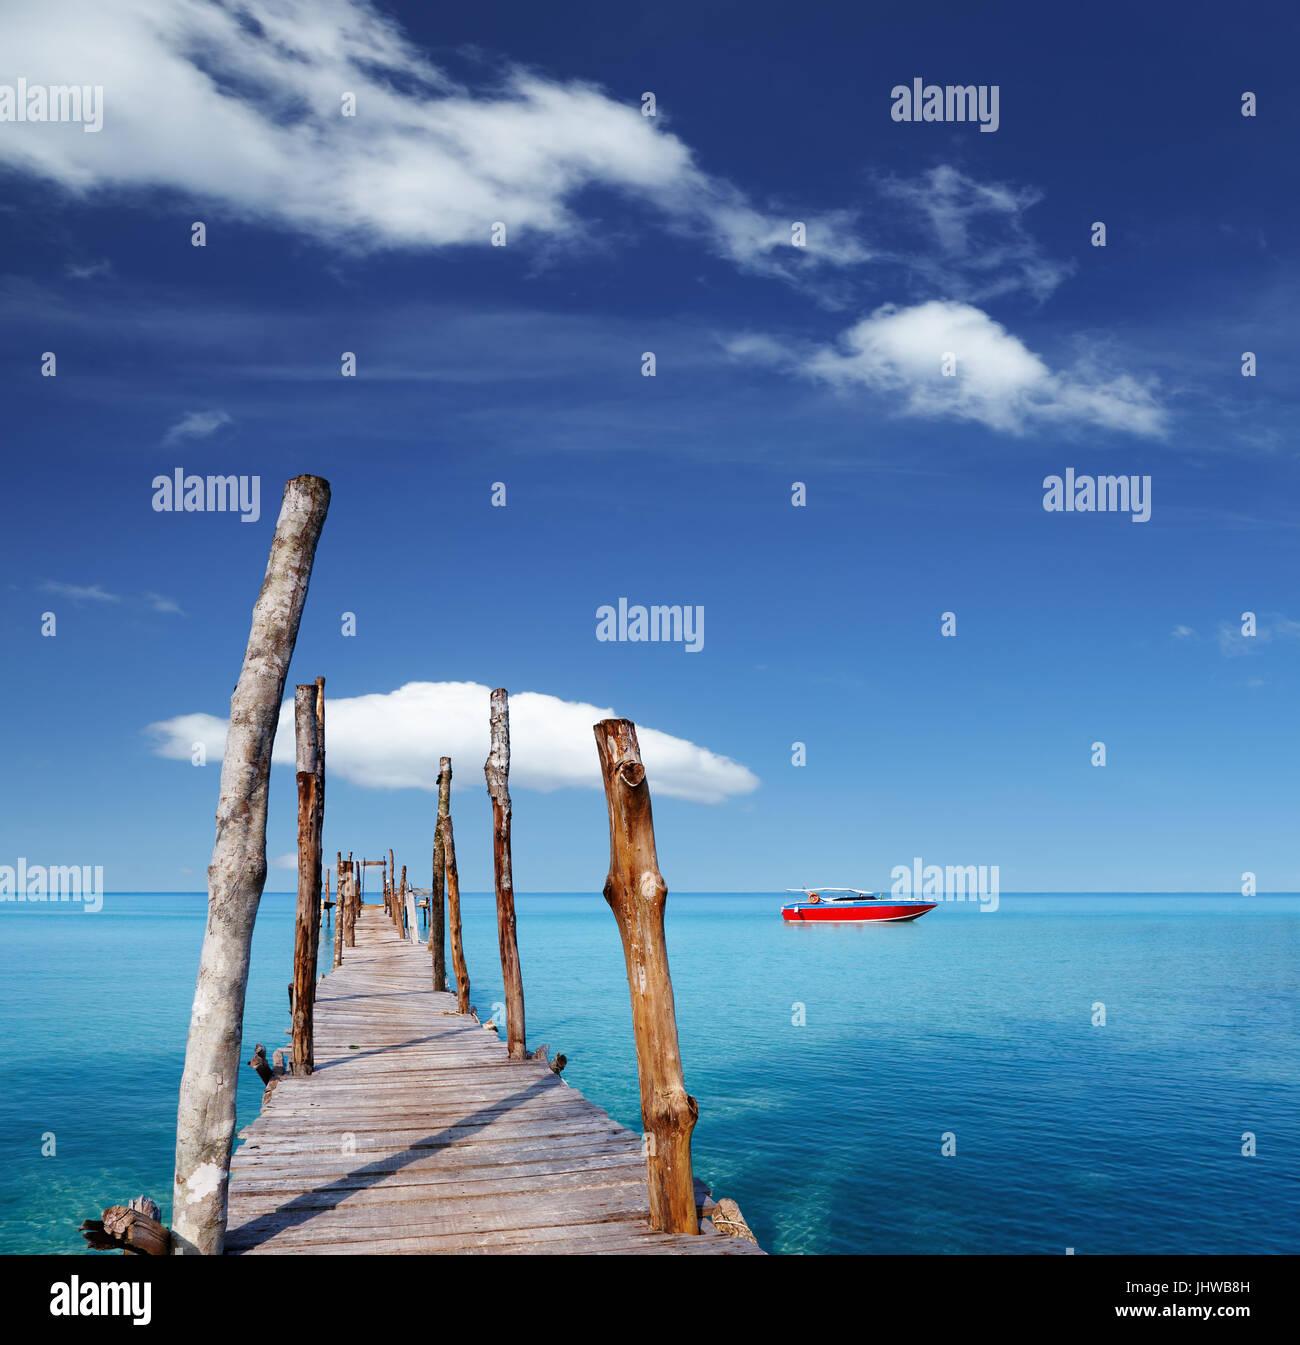 Il molo di legno su un isola tropicale, mare e cielo blu Immagini Stock